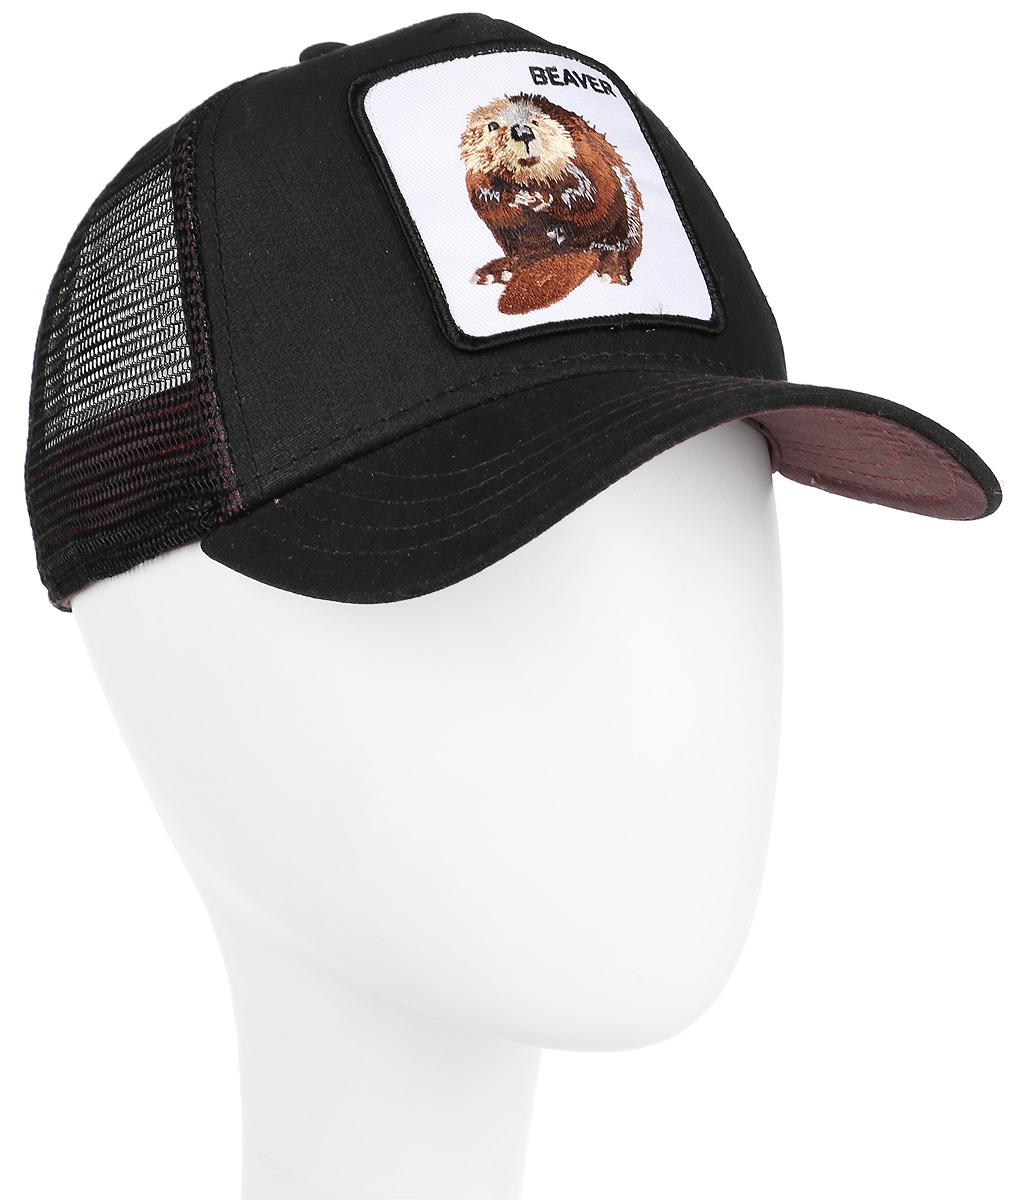 Бейсболка Goorin Brothers WAXED, цвет: черный. 91-186-09-00. Размер универсальный91-186-09-00Стильная бейсболка Goorin Brothers, выполненная из полиэстера и хлопка, идеально подойдет для прогулок, занятия спортом и отдыха. Она надежно защитит вас от солнца и ветра. Задняя часть имеет сетчатую вставку для вентиляции воздуха. Изделие оформлено нашивкой с изображением бобра и надписью Beaver. Обхват регулируется с помощью пластикового ремешка.